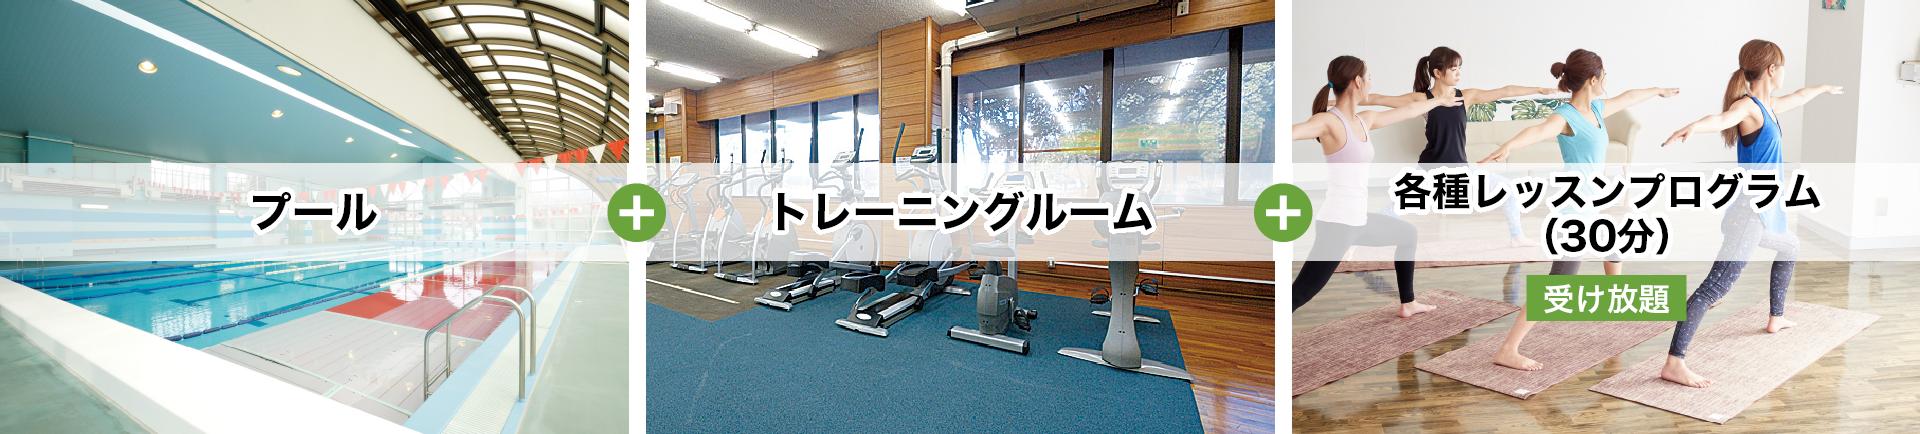 プール、トレーニングルーム、各種レッスンプログラム